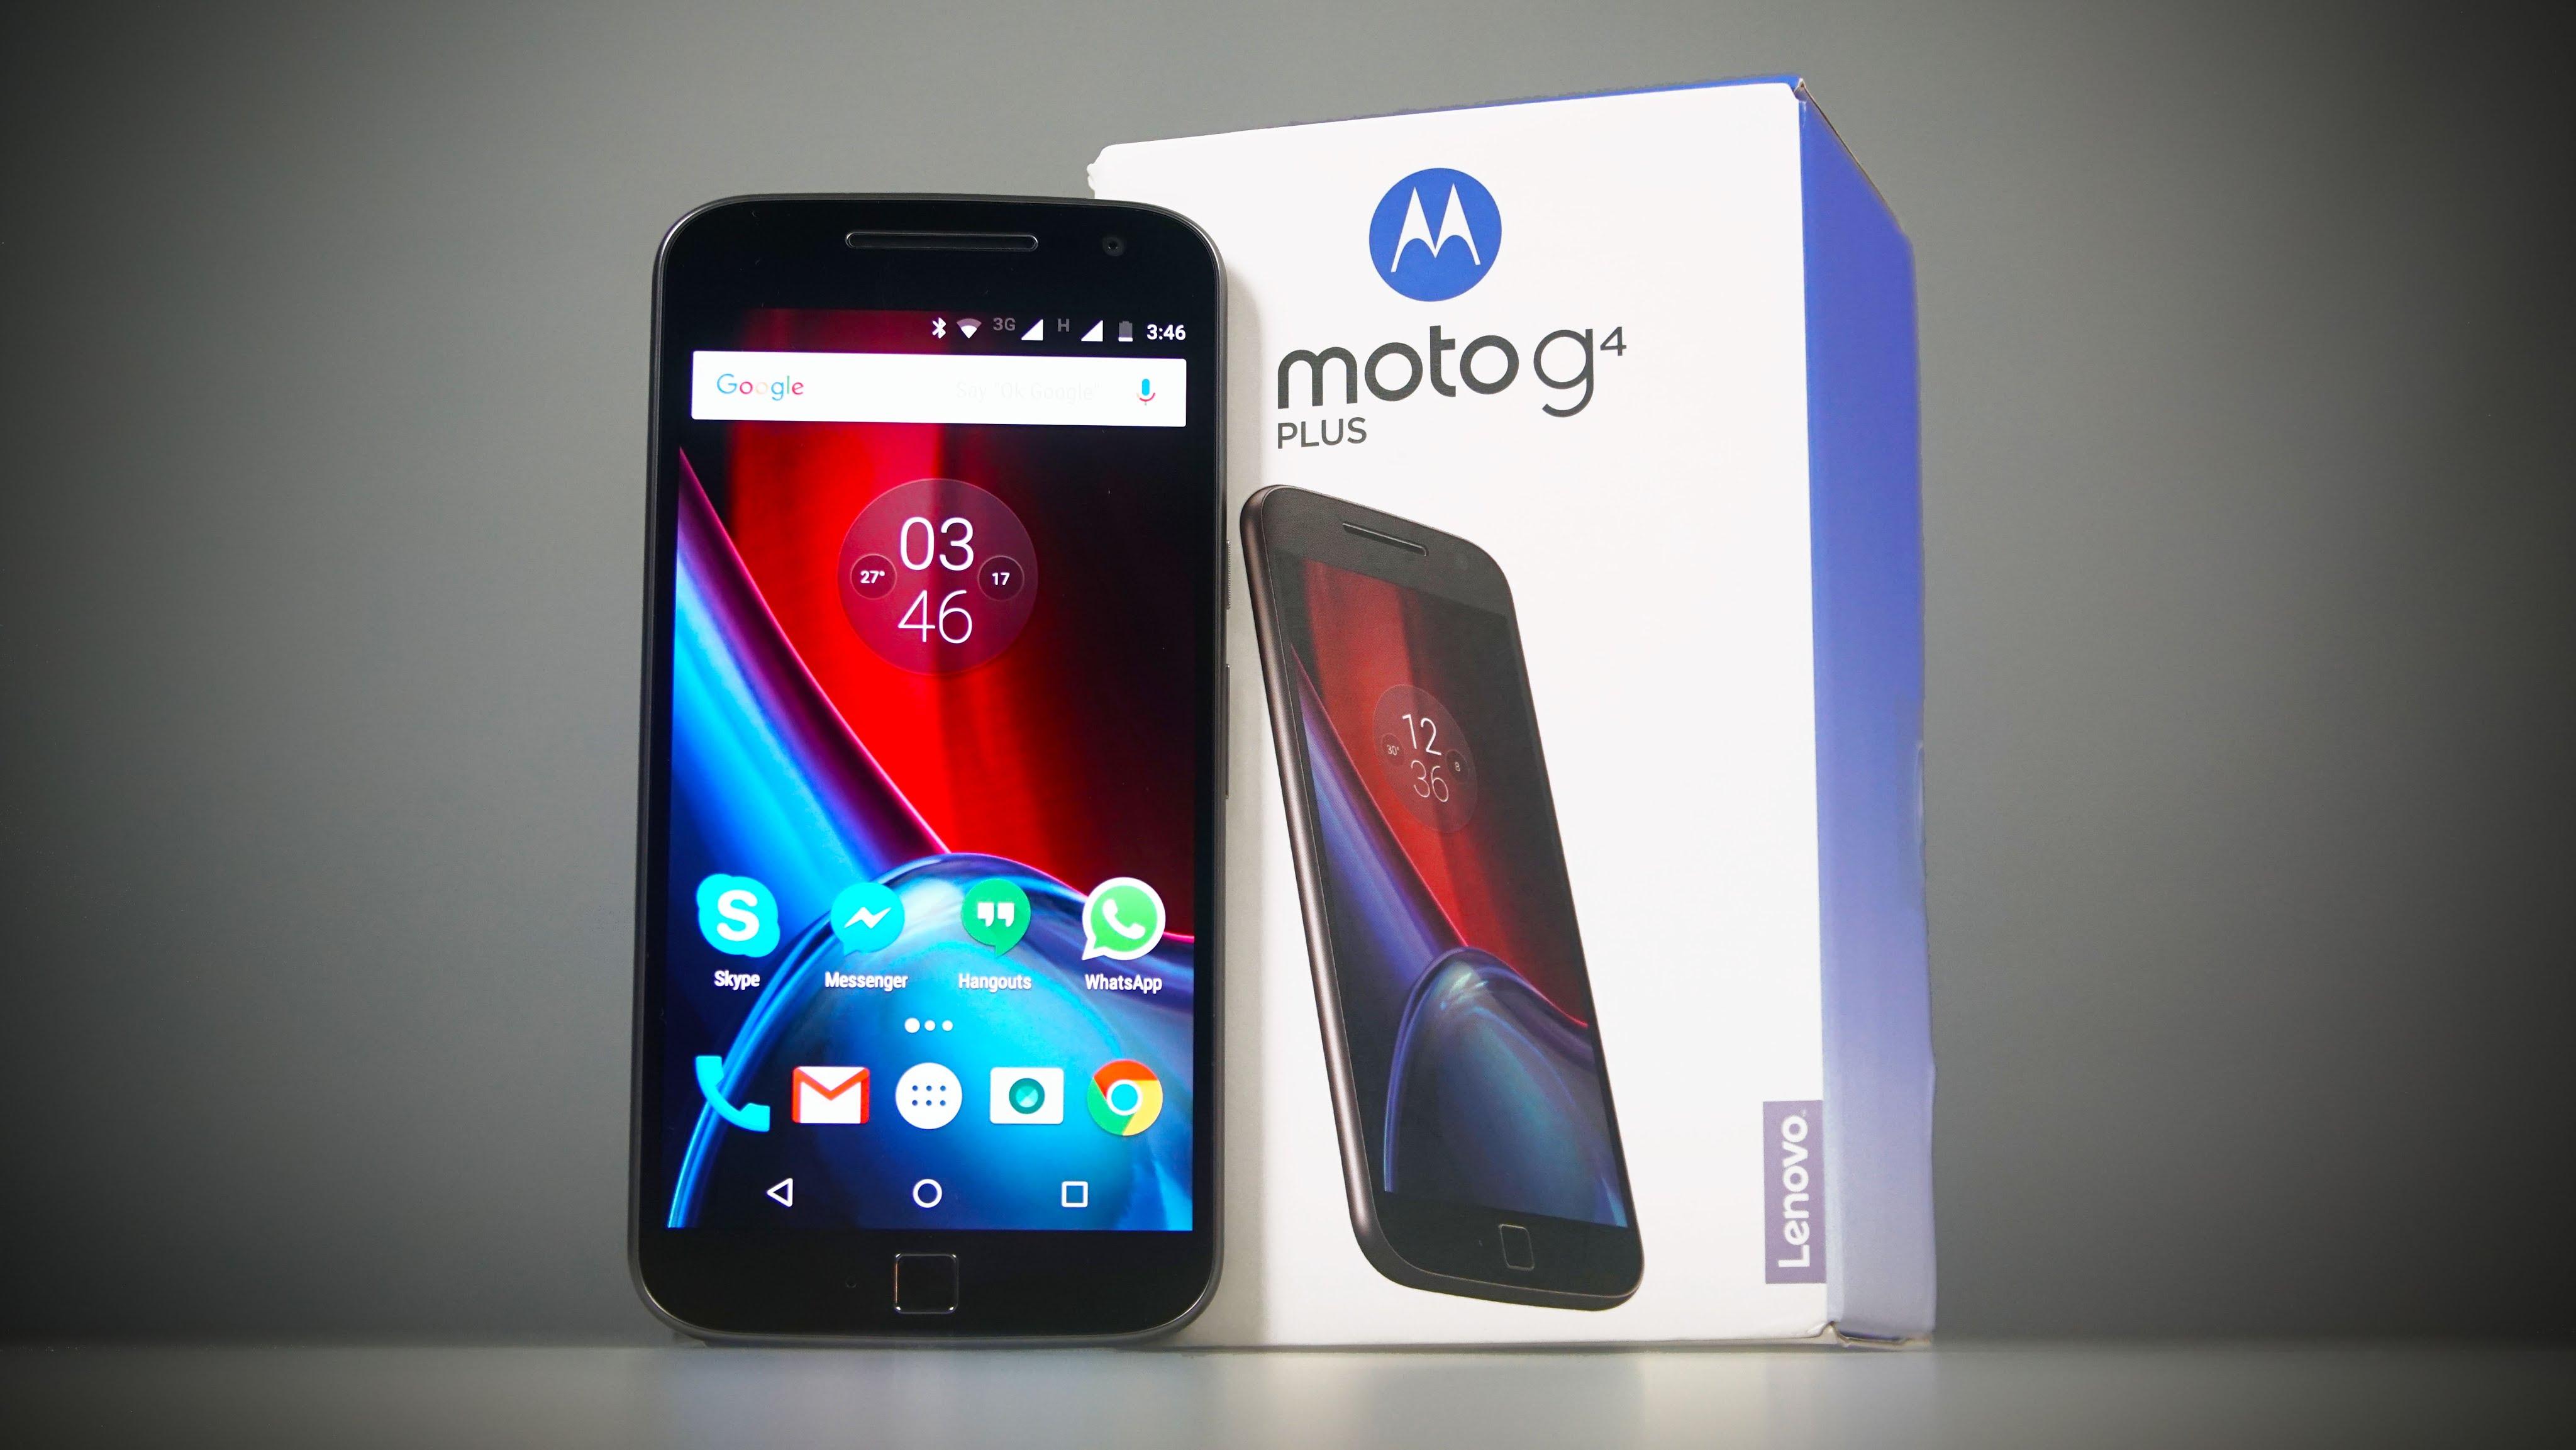 Ha! OS telefonu Moto G4 Plus jednak zostanie zaktualizowany do Androida Oreo